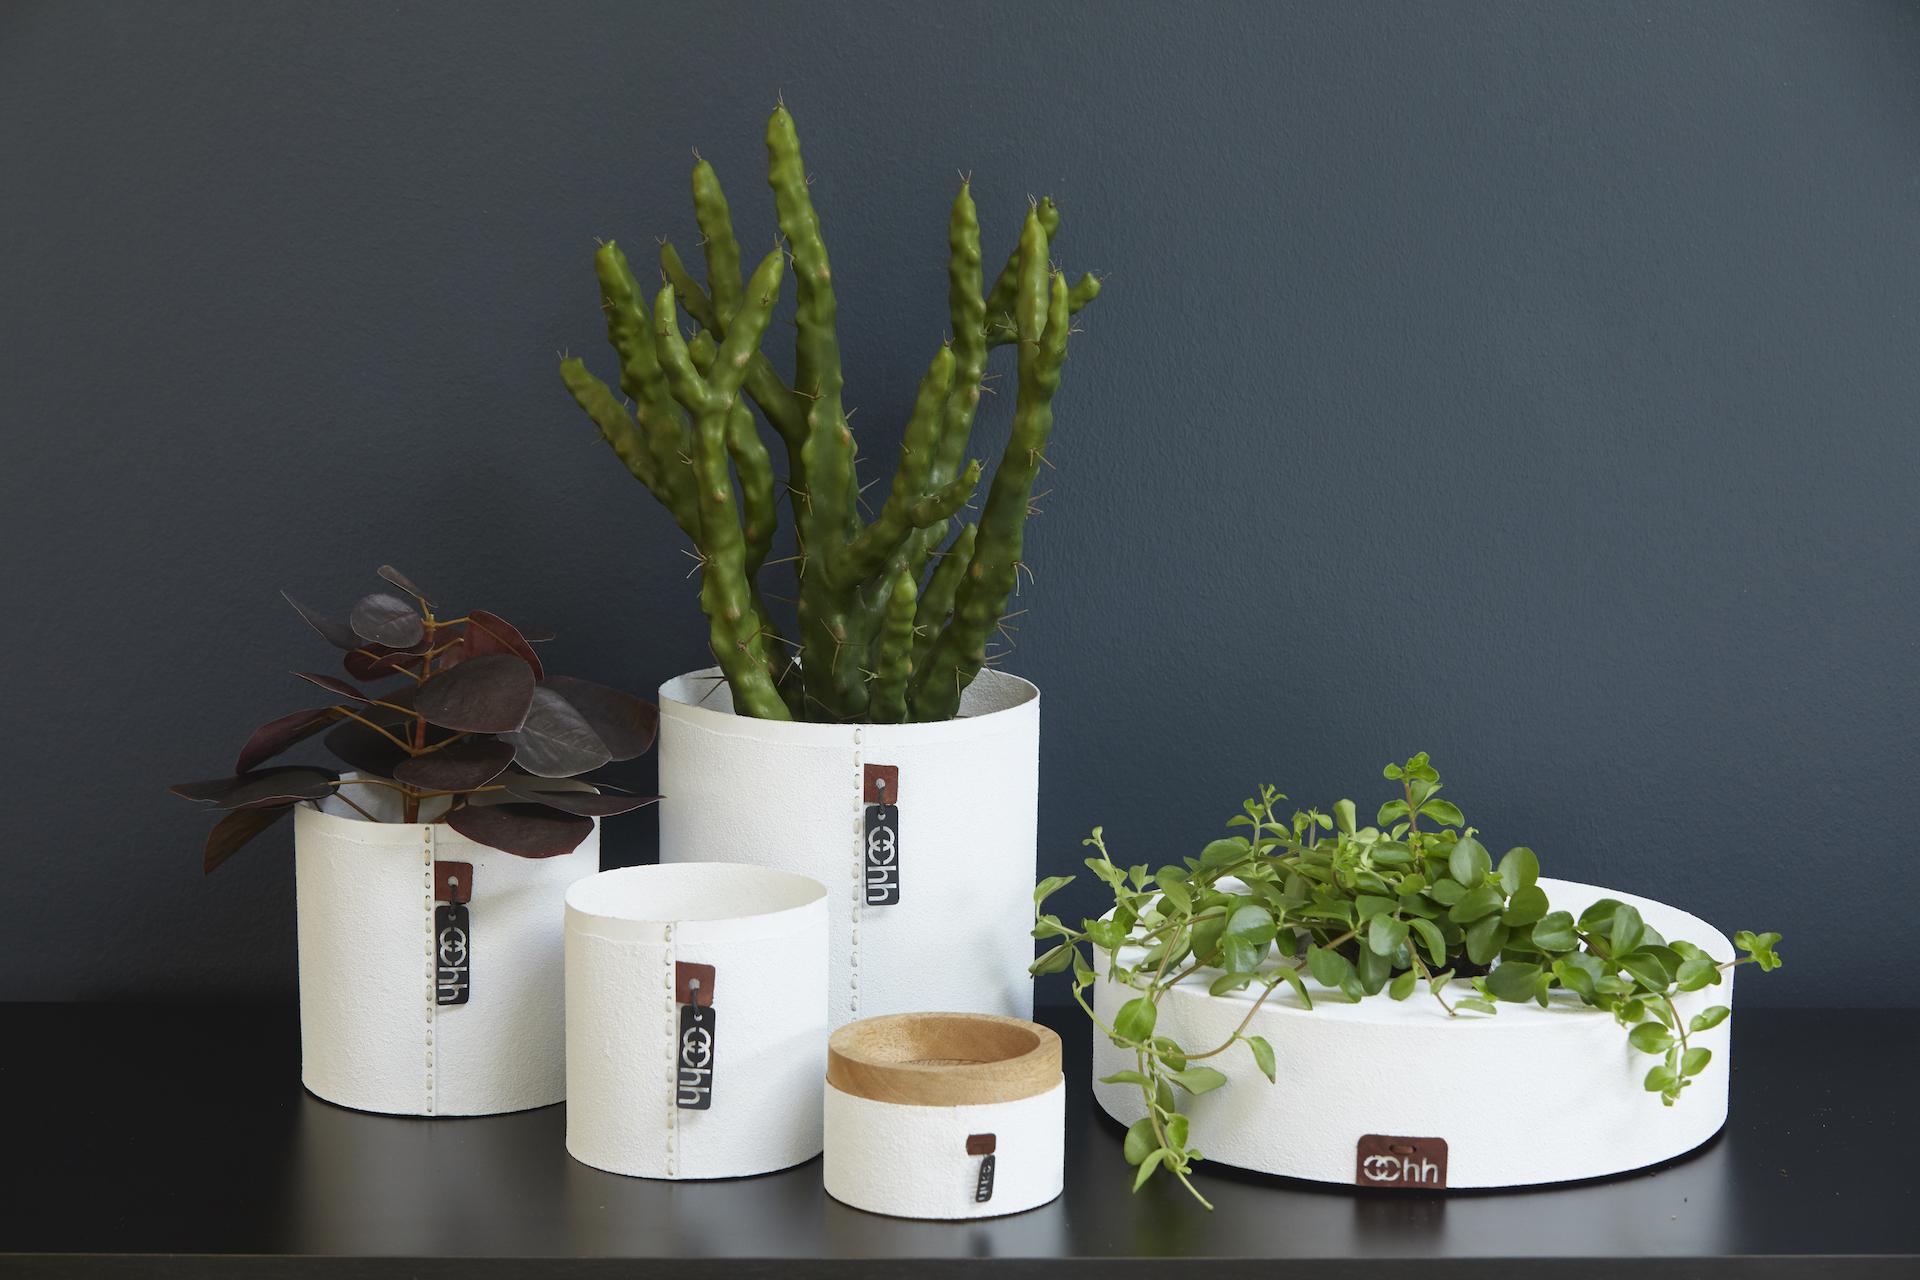 Květináče z recyklovaného papíru, ekologické tkaniny, z recyklovaných plastových sáčků a plastových lahví.